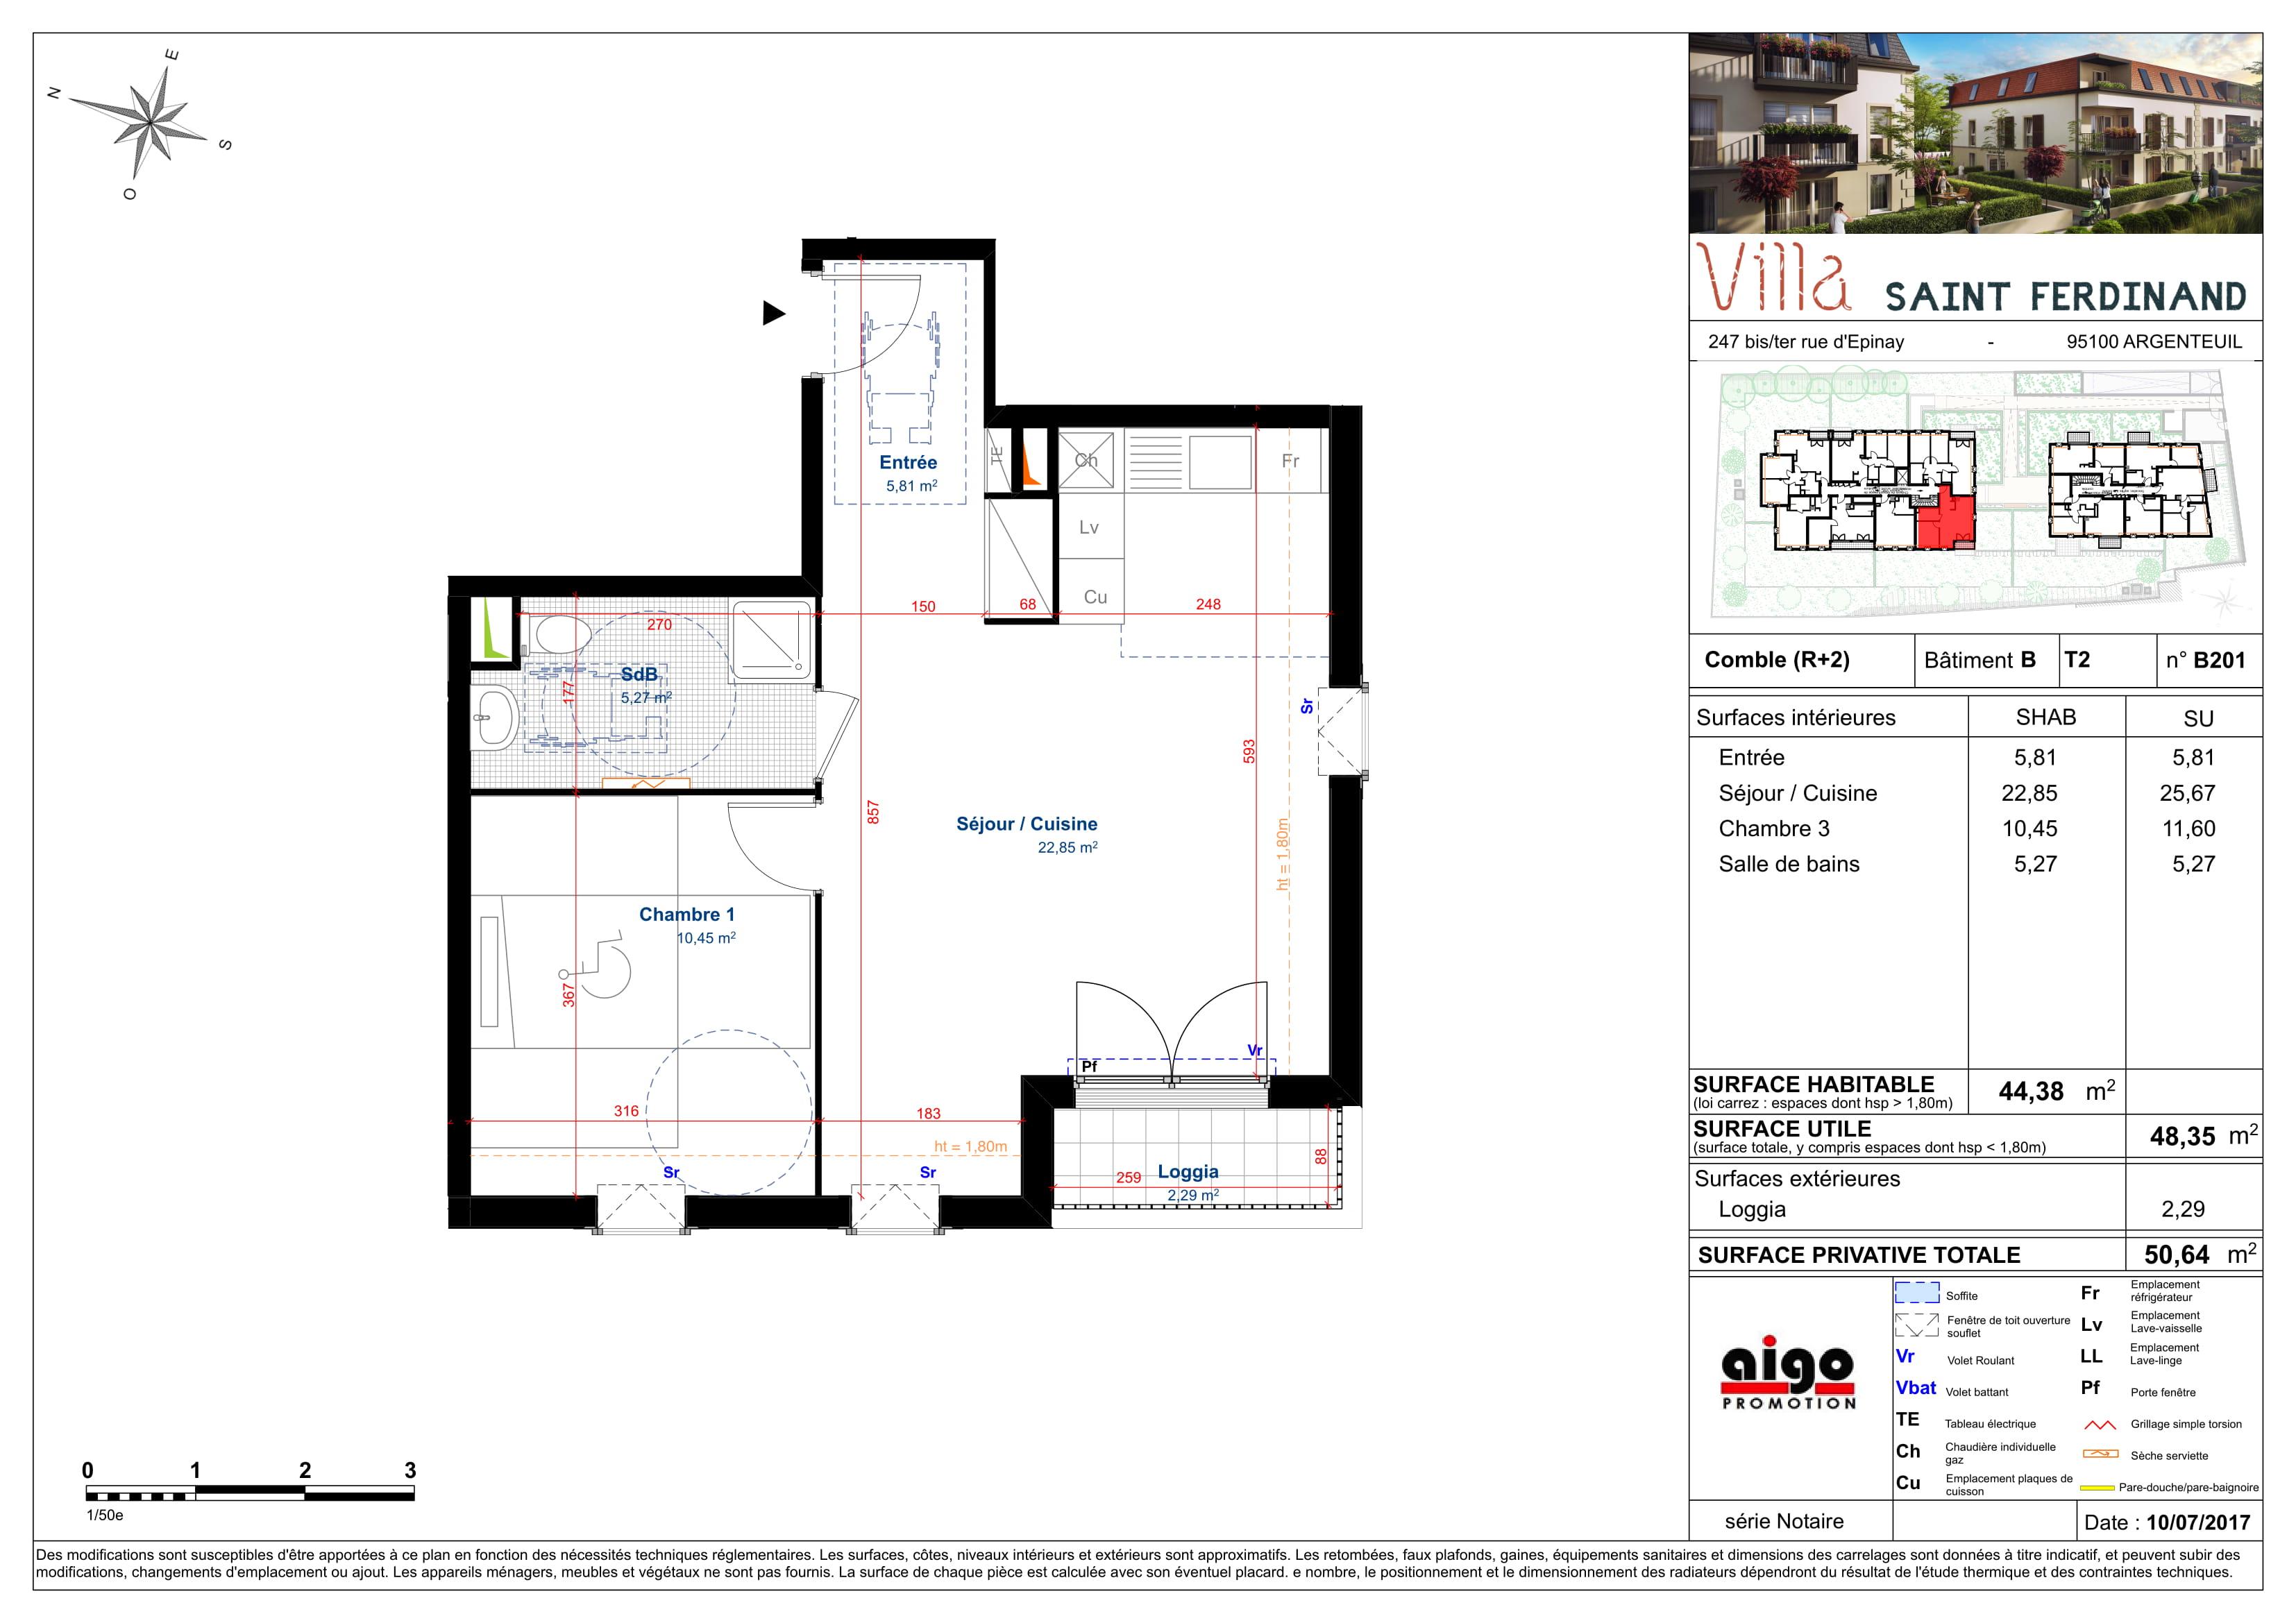 L'appartement T2 B201 à Argenteuil avec la Villa-Saint-Ferdinand